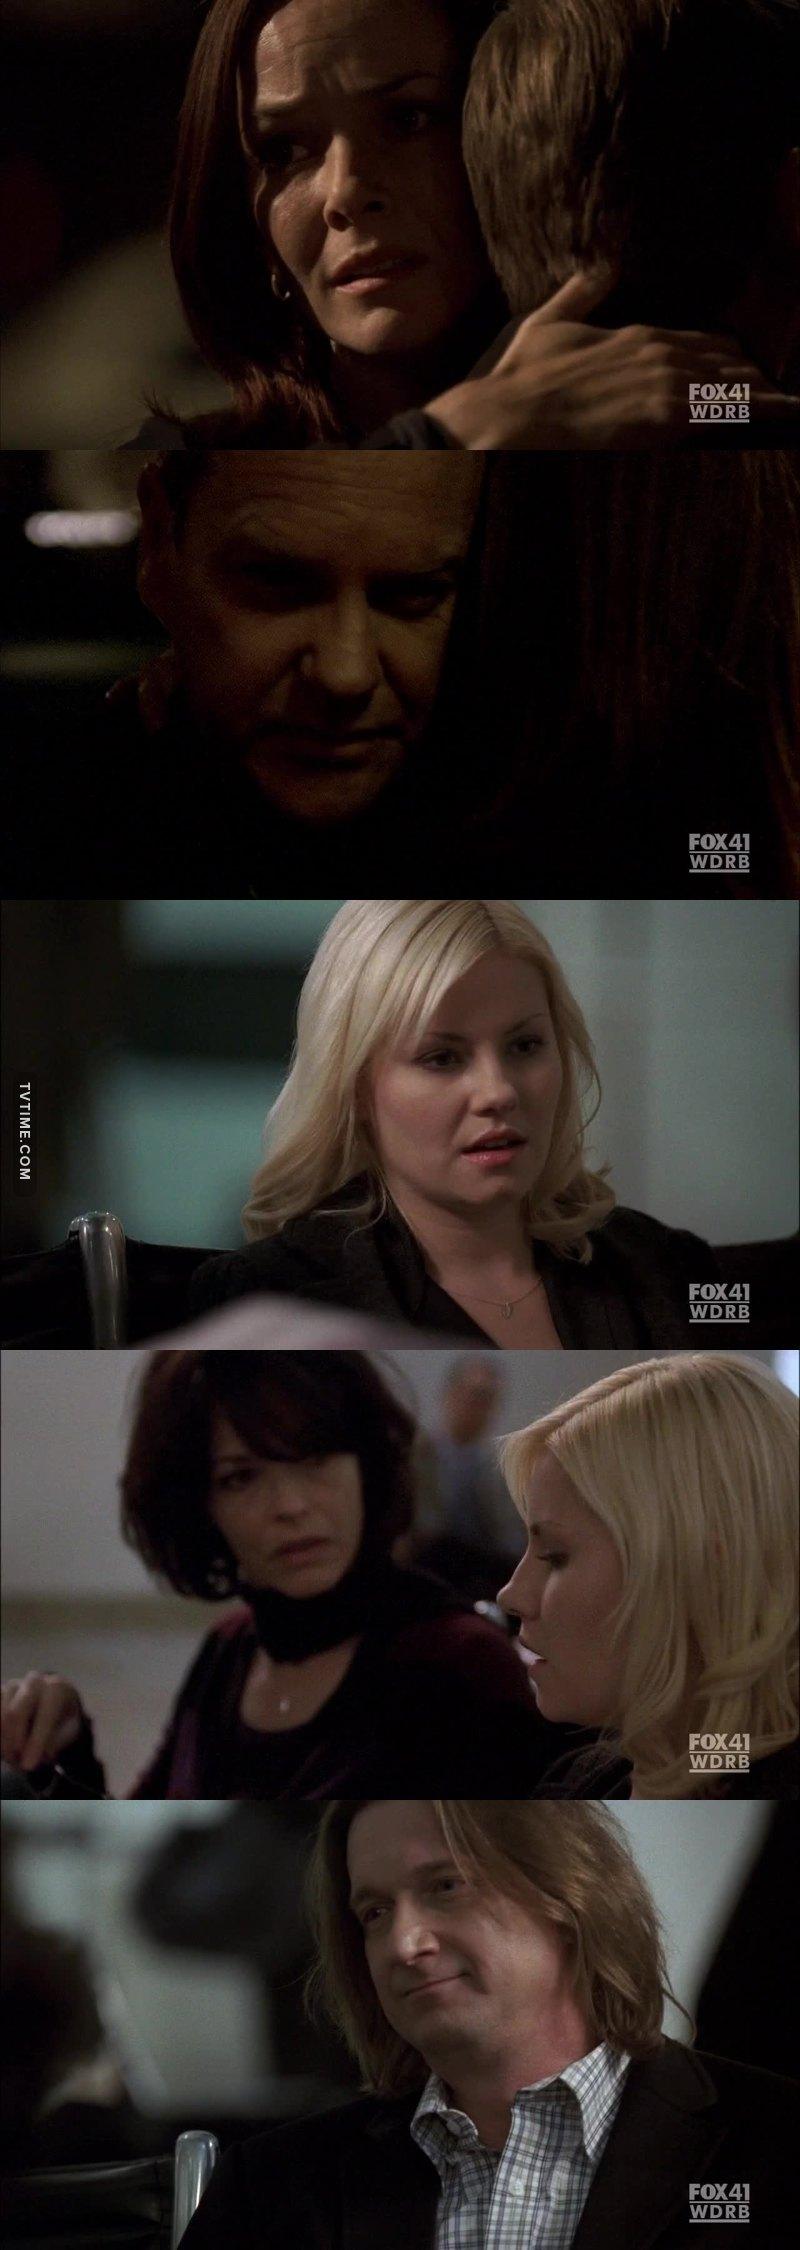 Jack qui est mal en point et Kim qui est surveillé par des tueurs sa va pas fort dans la famille Bauer.